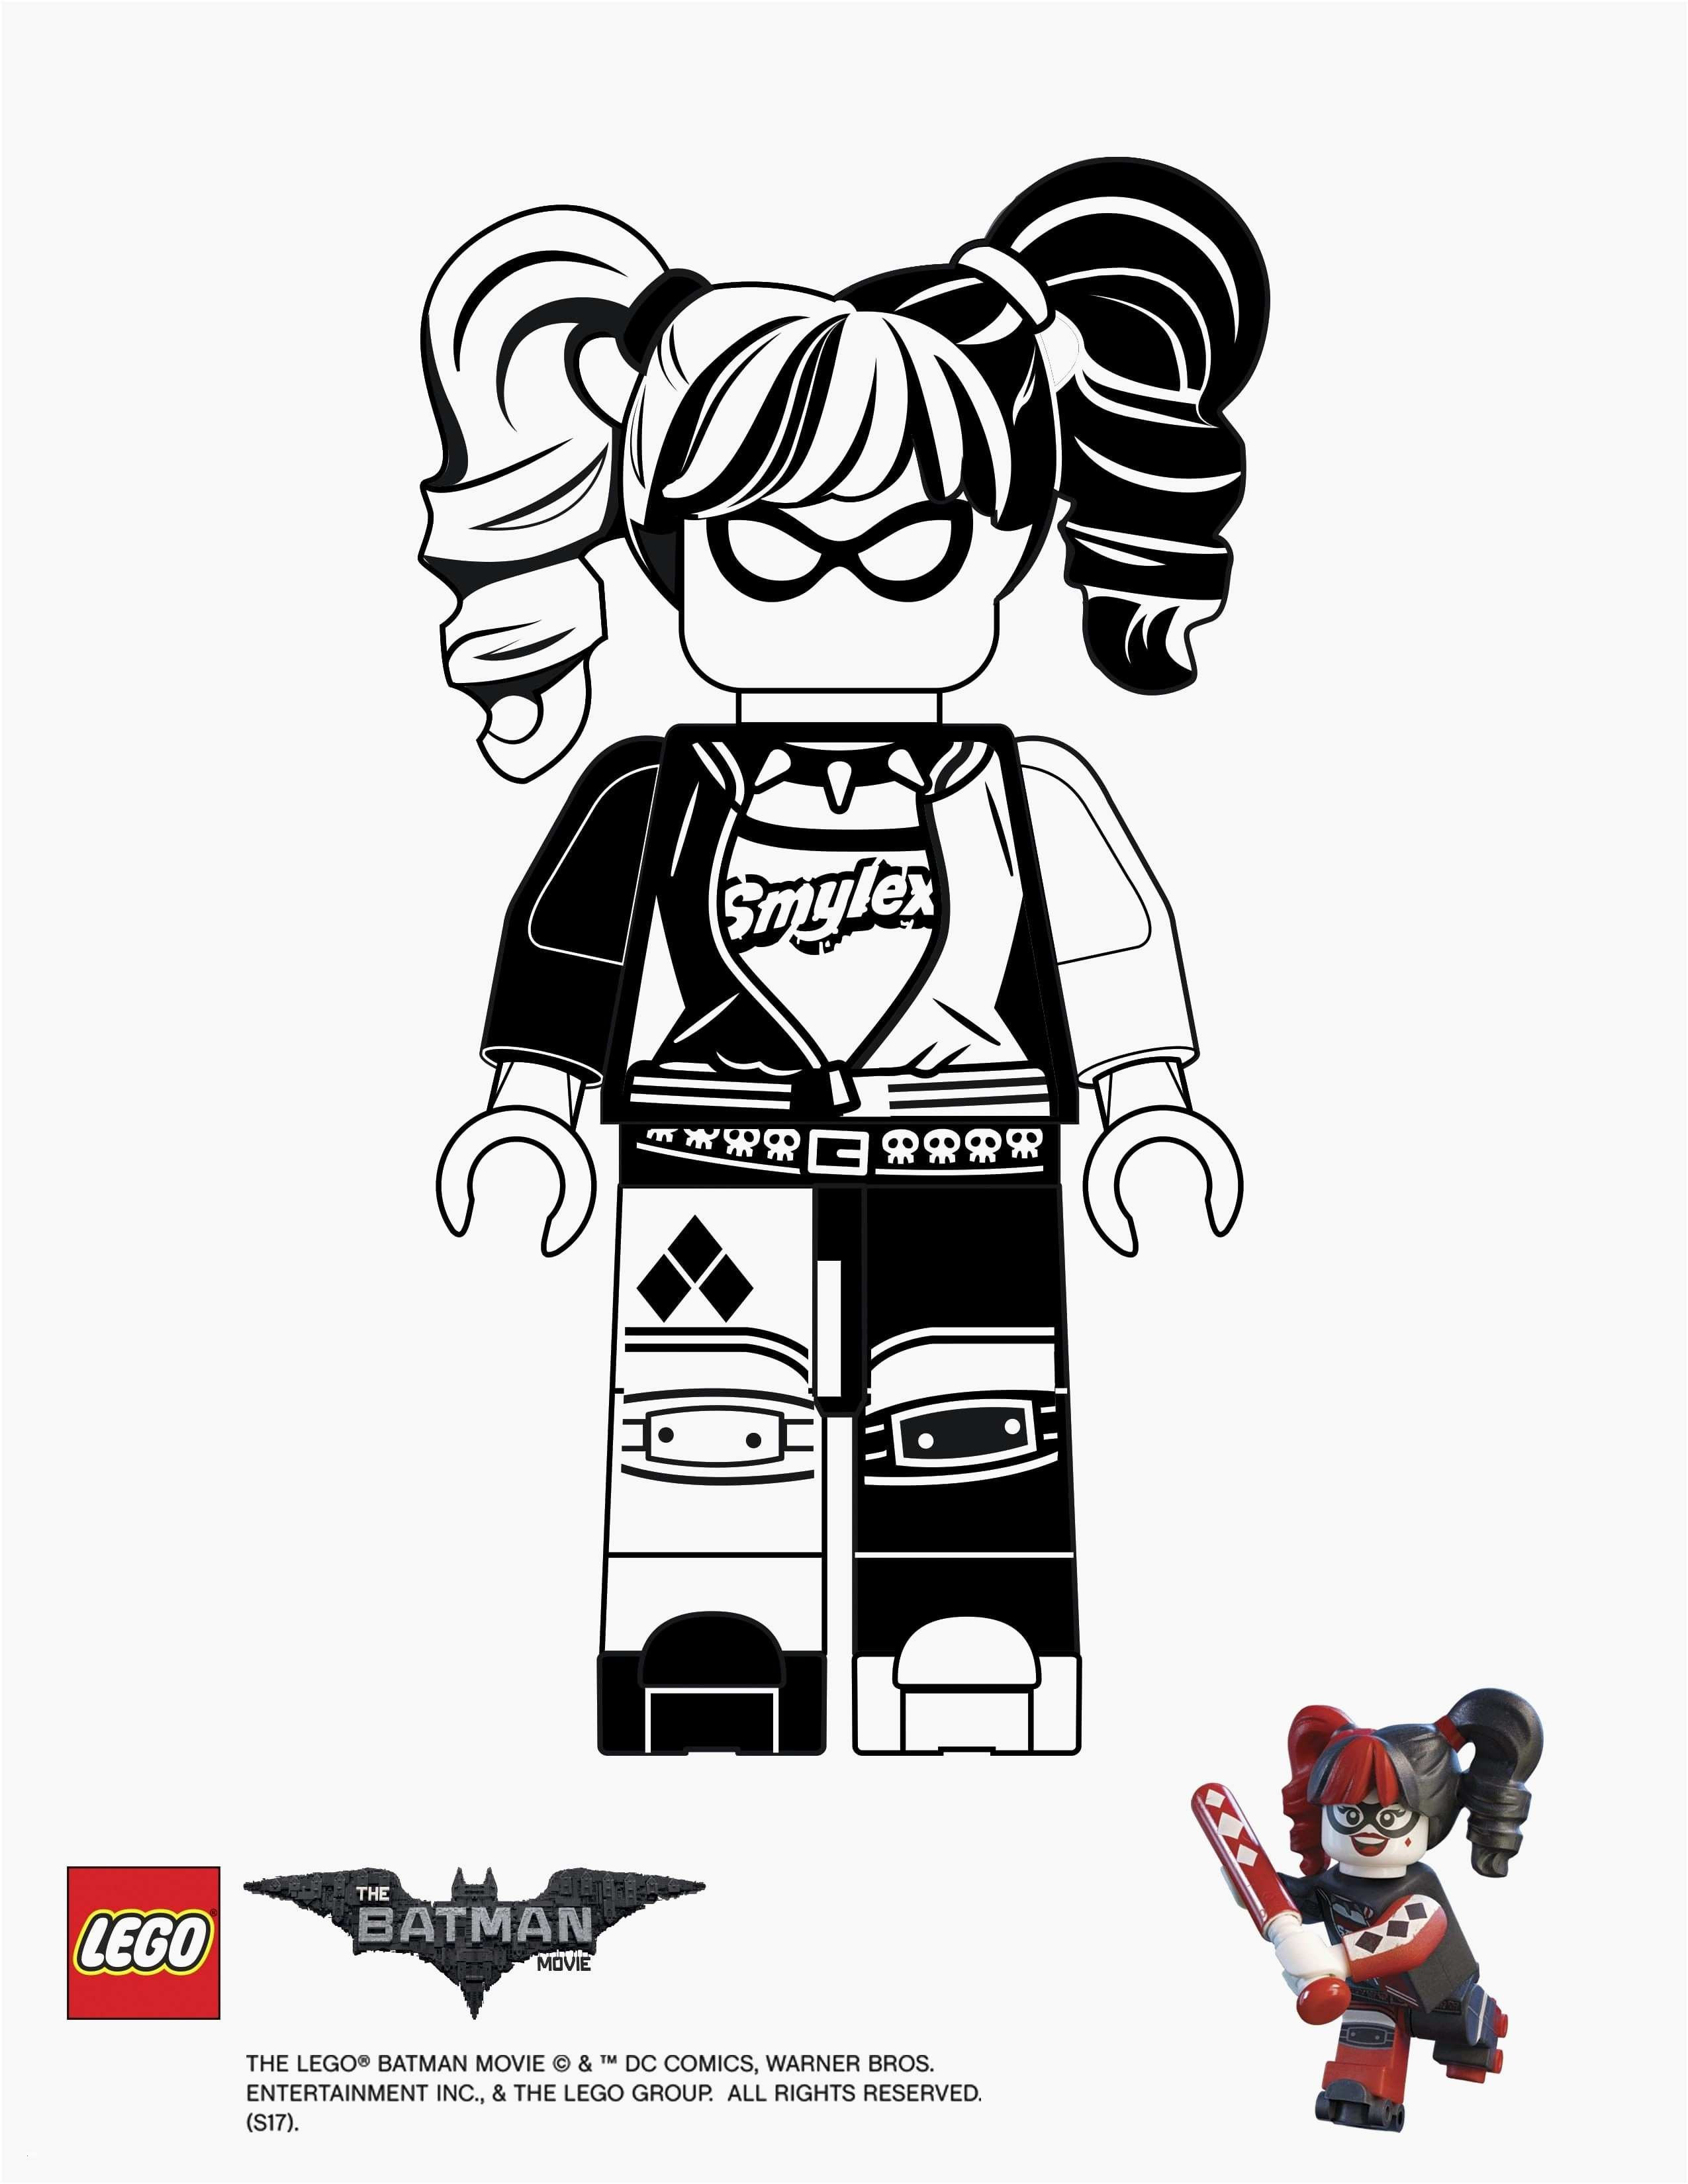 Ninjago Ausmalbilder Jay Das Beste Von Ausmalbilder Avatar Elegant 32 Lego Ninjago Ausmalbilder Jay Sammlung